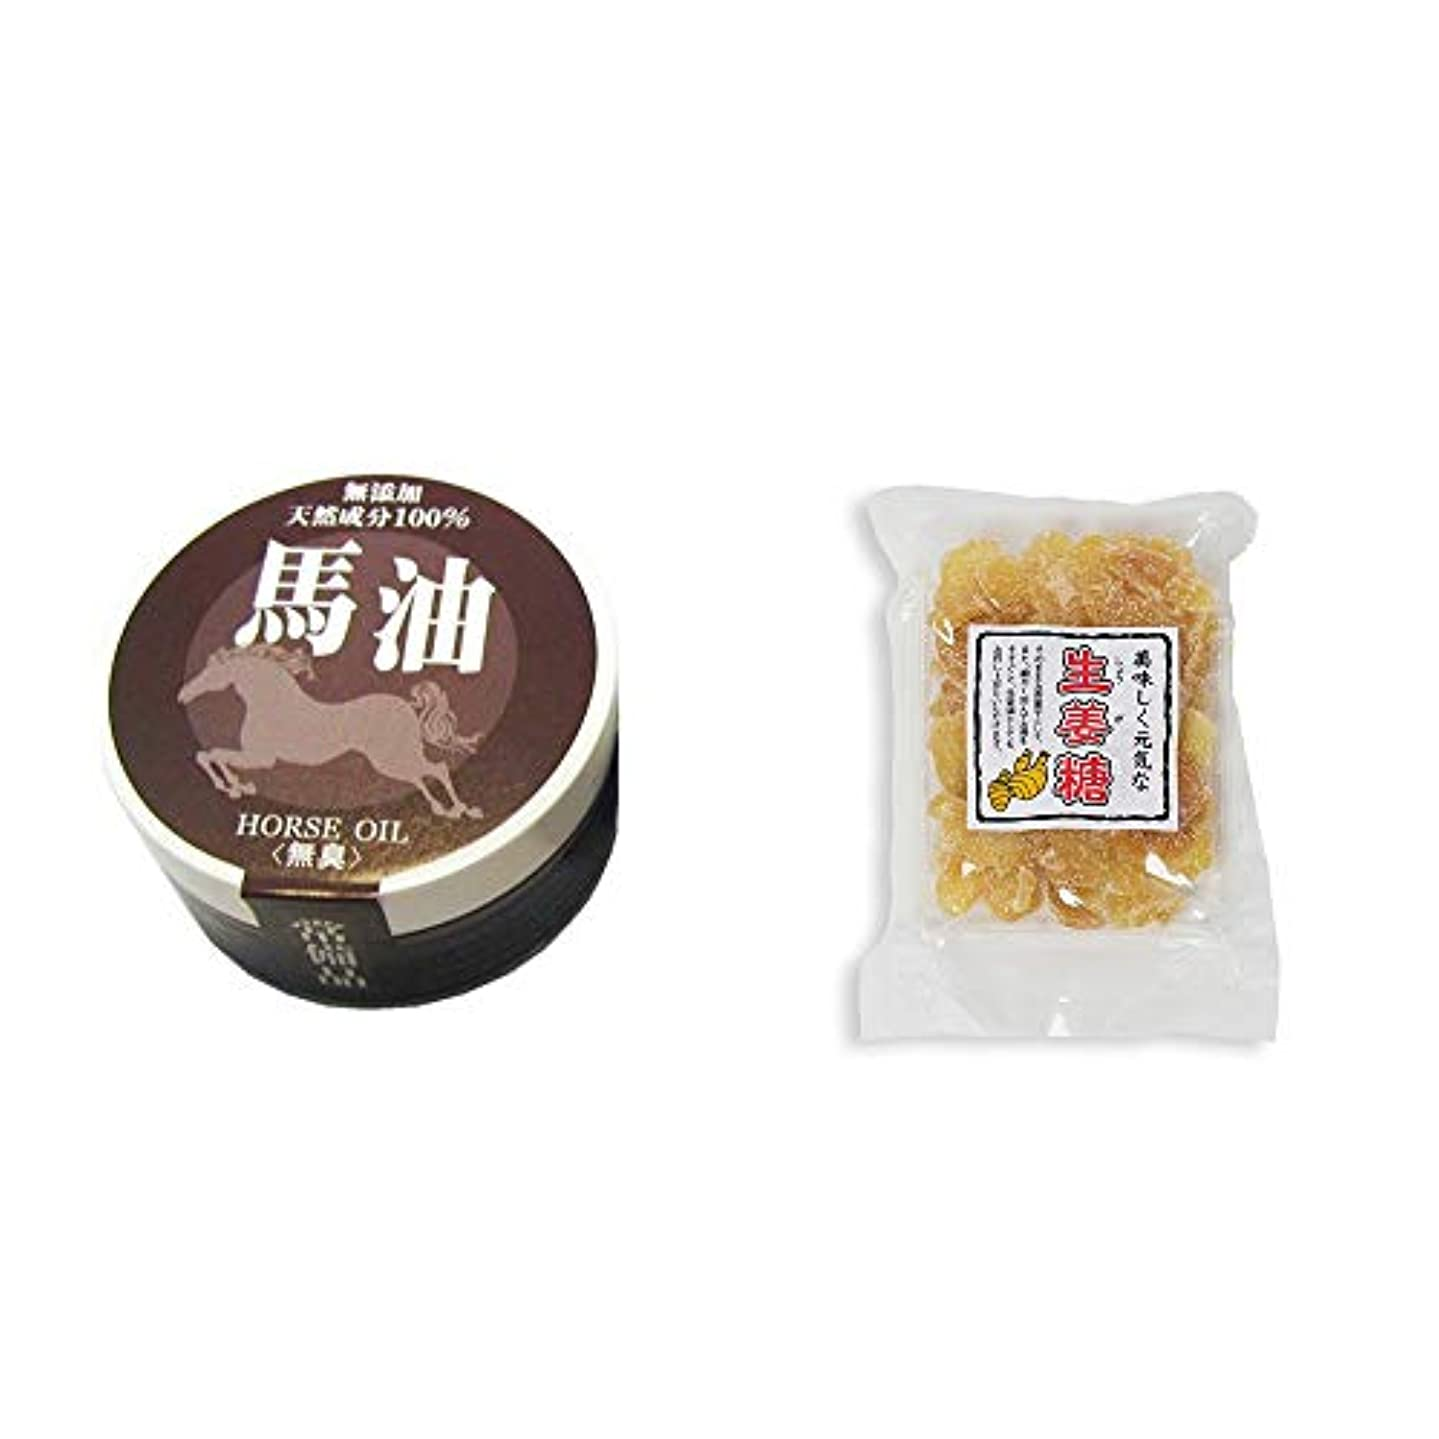 魅惑するパテペット[2点セット] 無添加天然成分100% 馬油[無香料](38g)?生姜糖(230g)